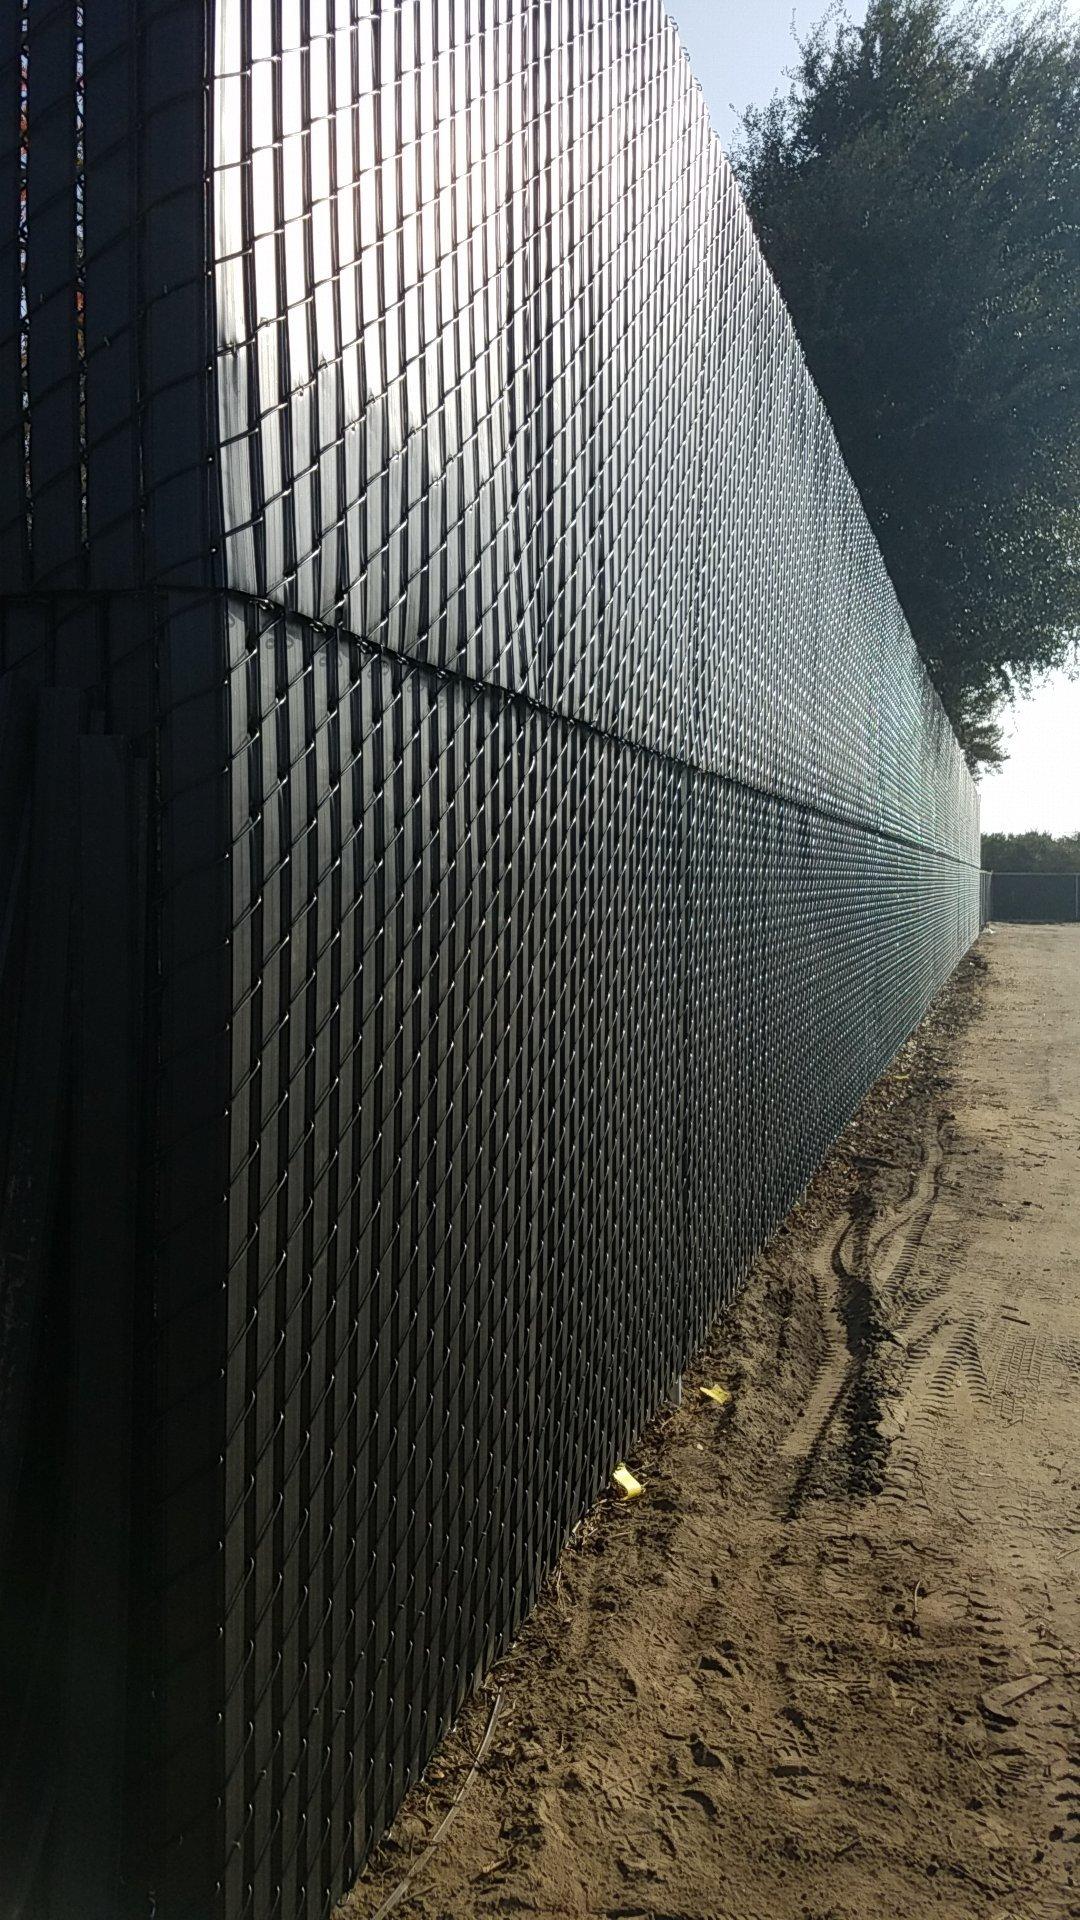 Black Chain-Link Fences